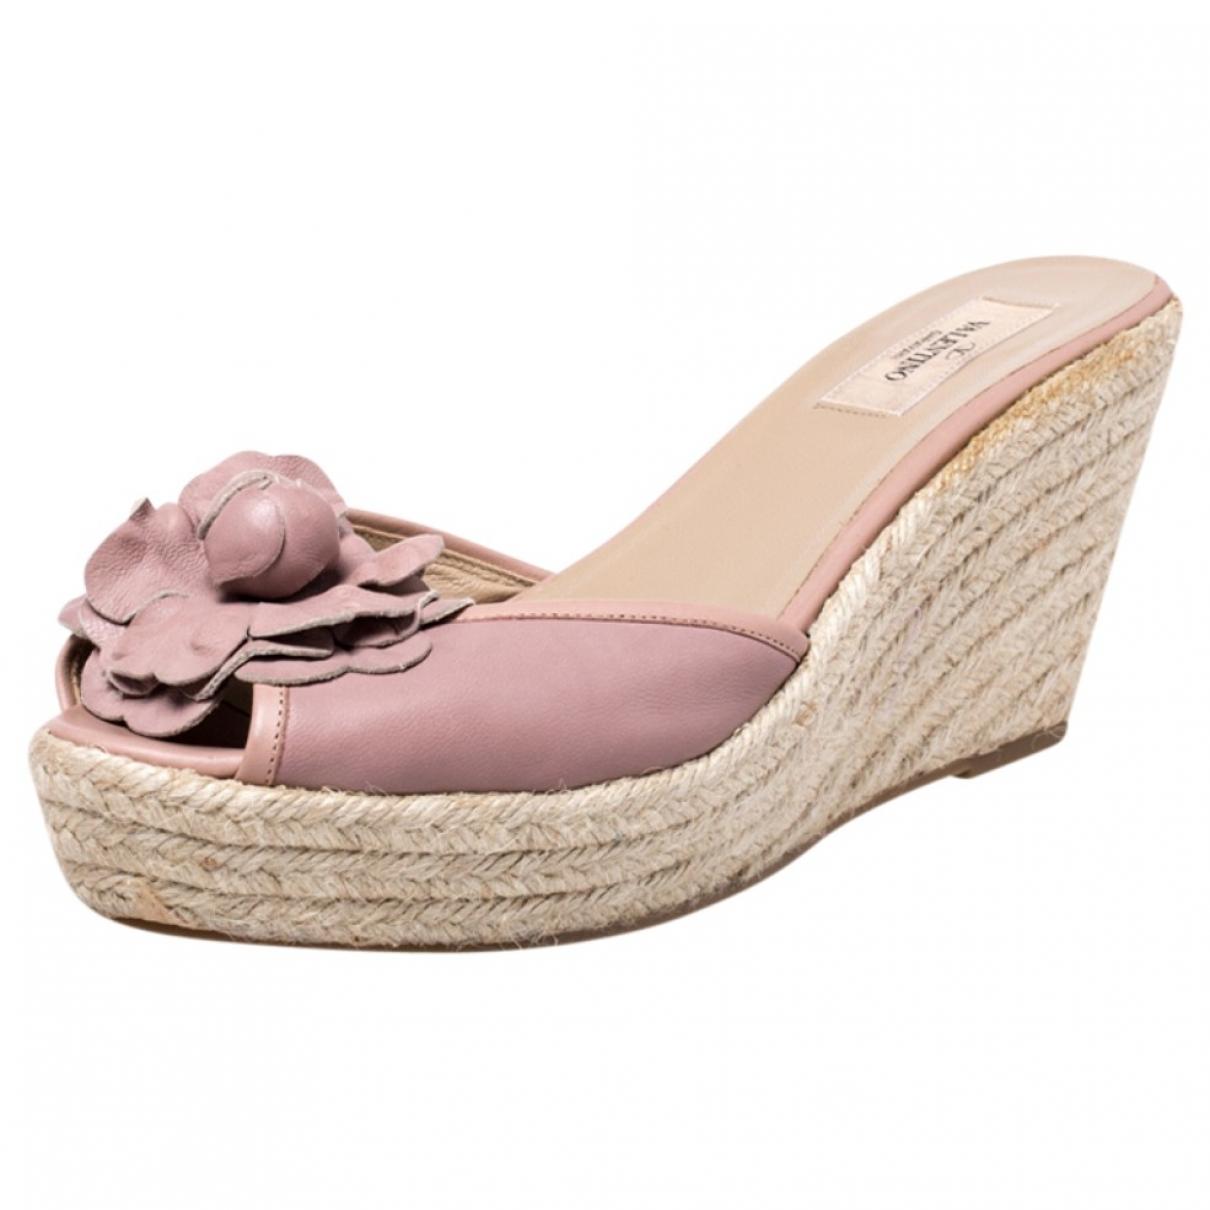 Valentino Garavani - Sandales   pour femme en cuir - rose